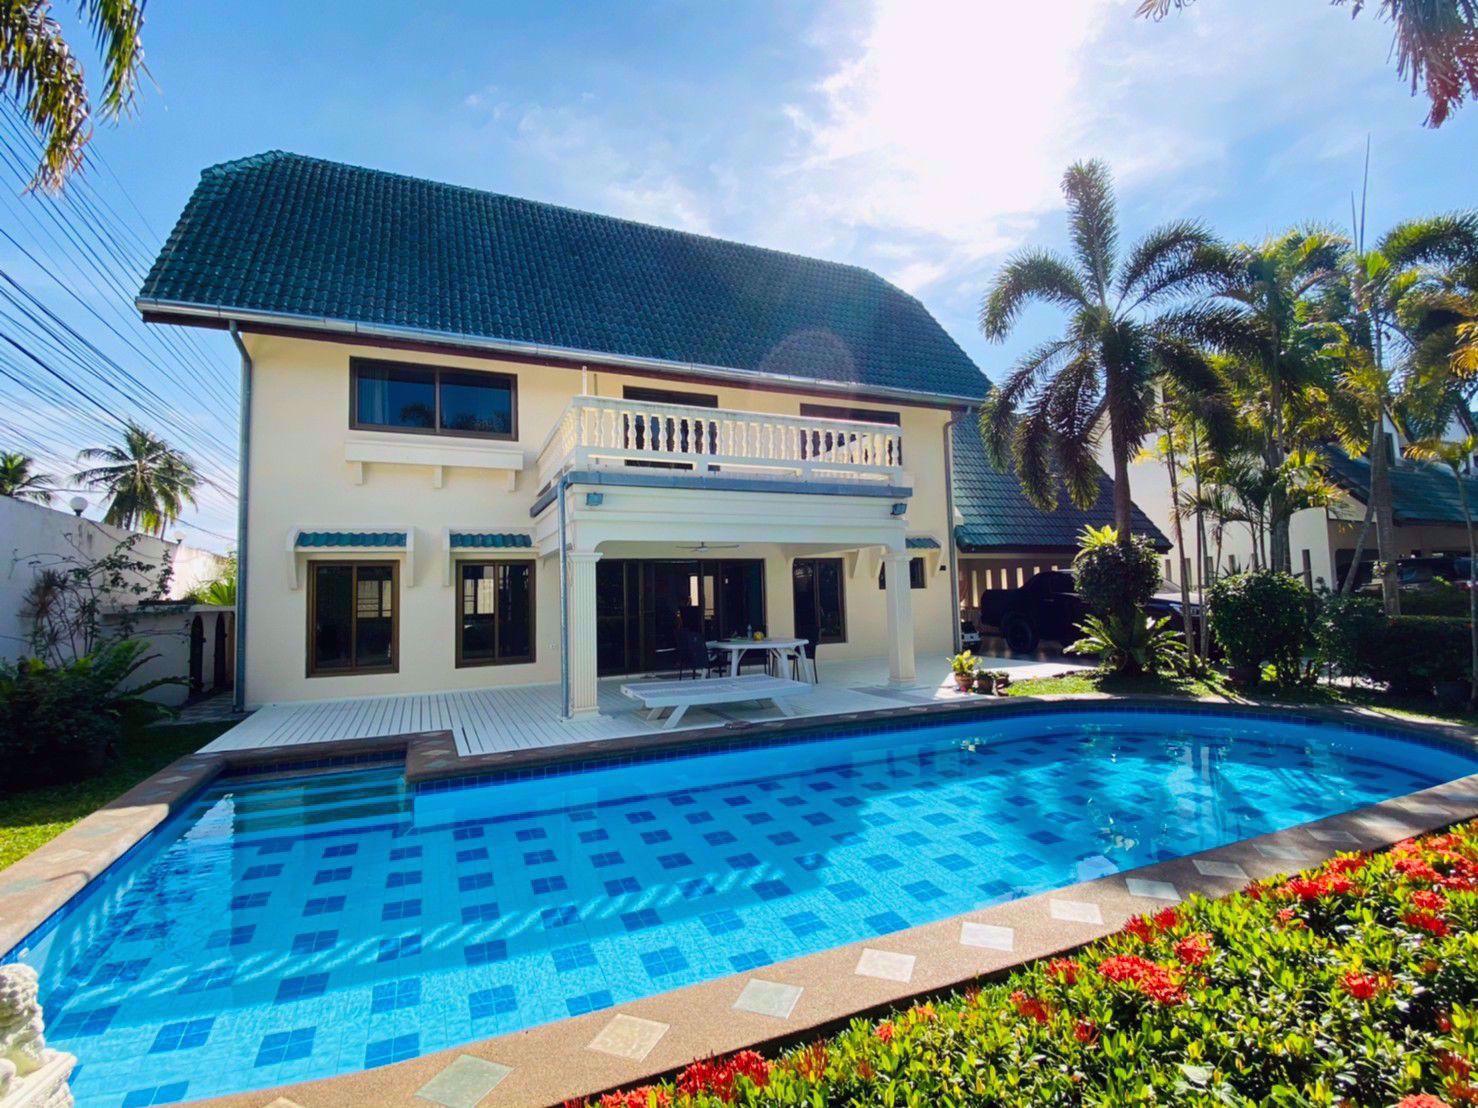 รูปภาพ 3 Bedrooms bed in House in Coconut Valley in East Pattaya H008982